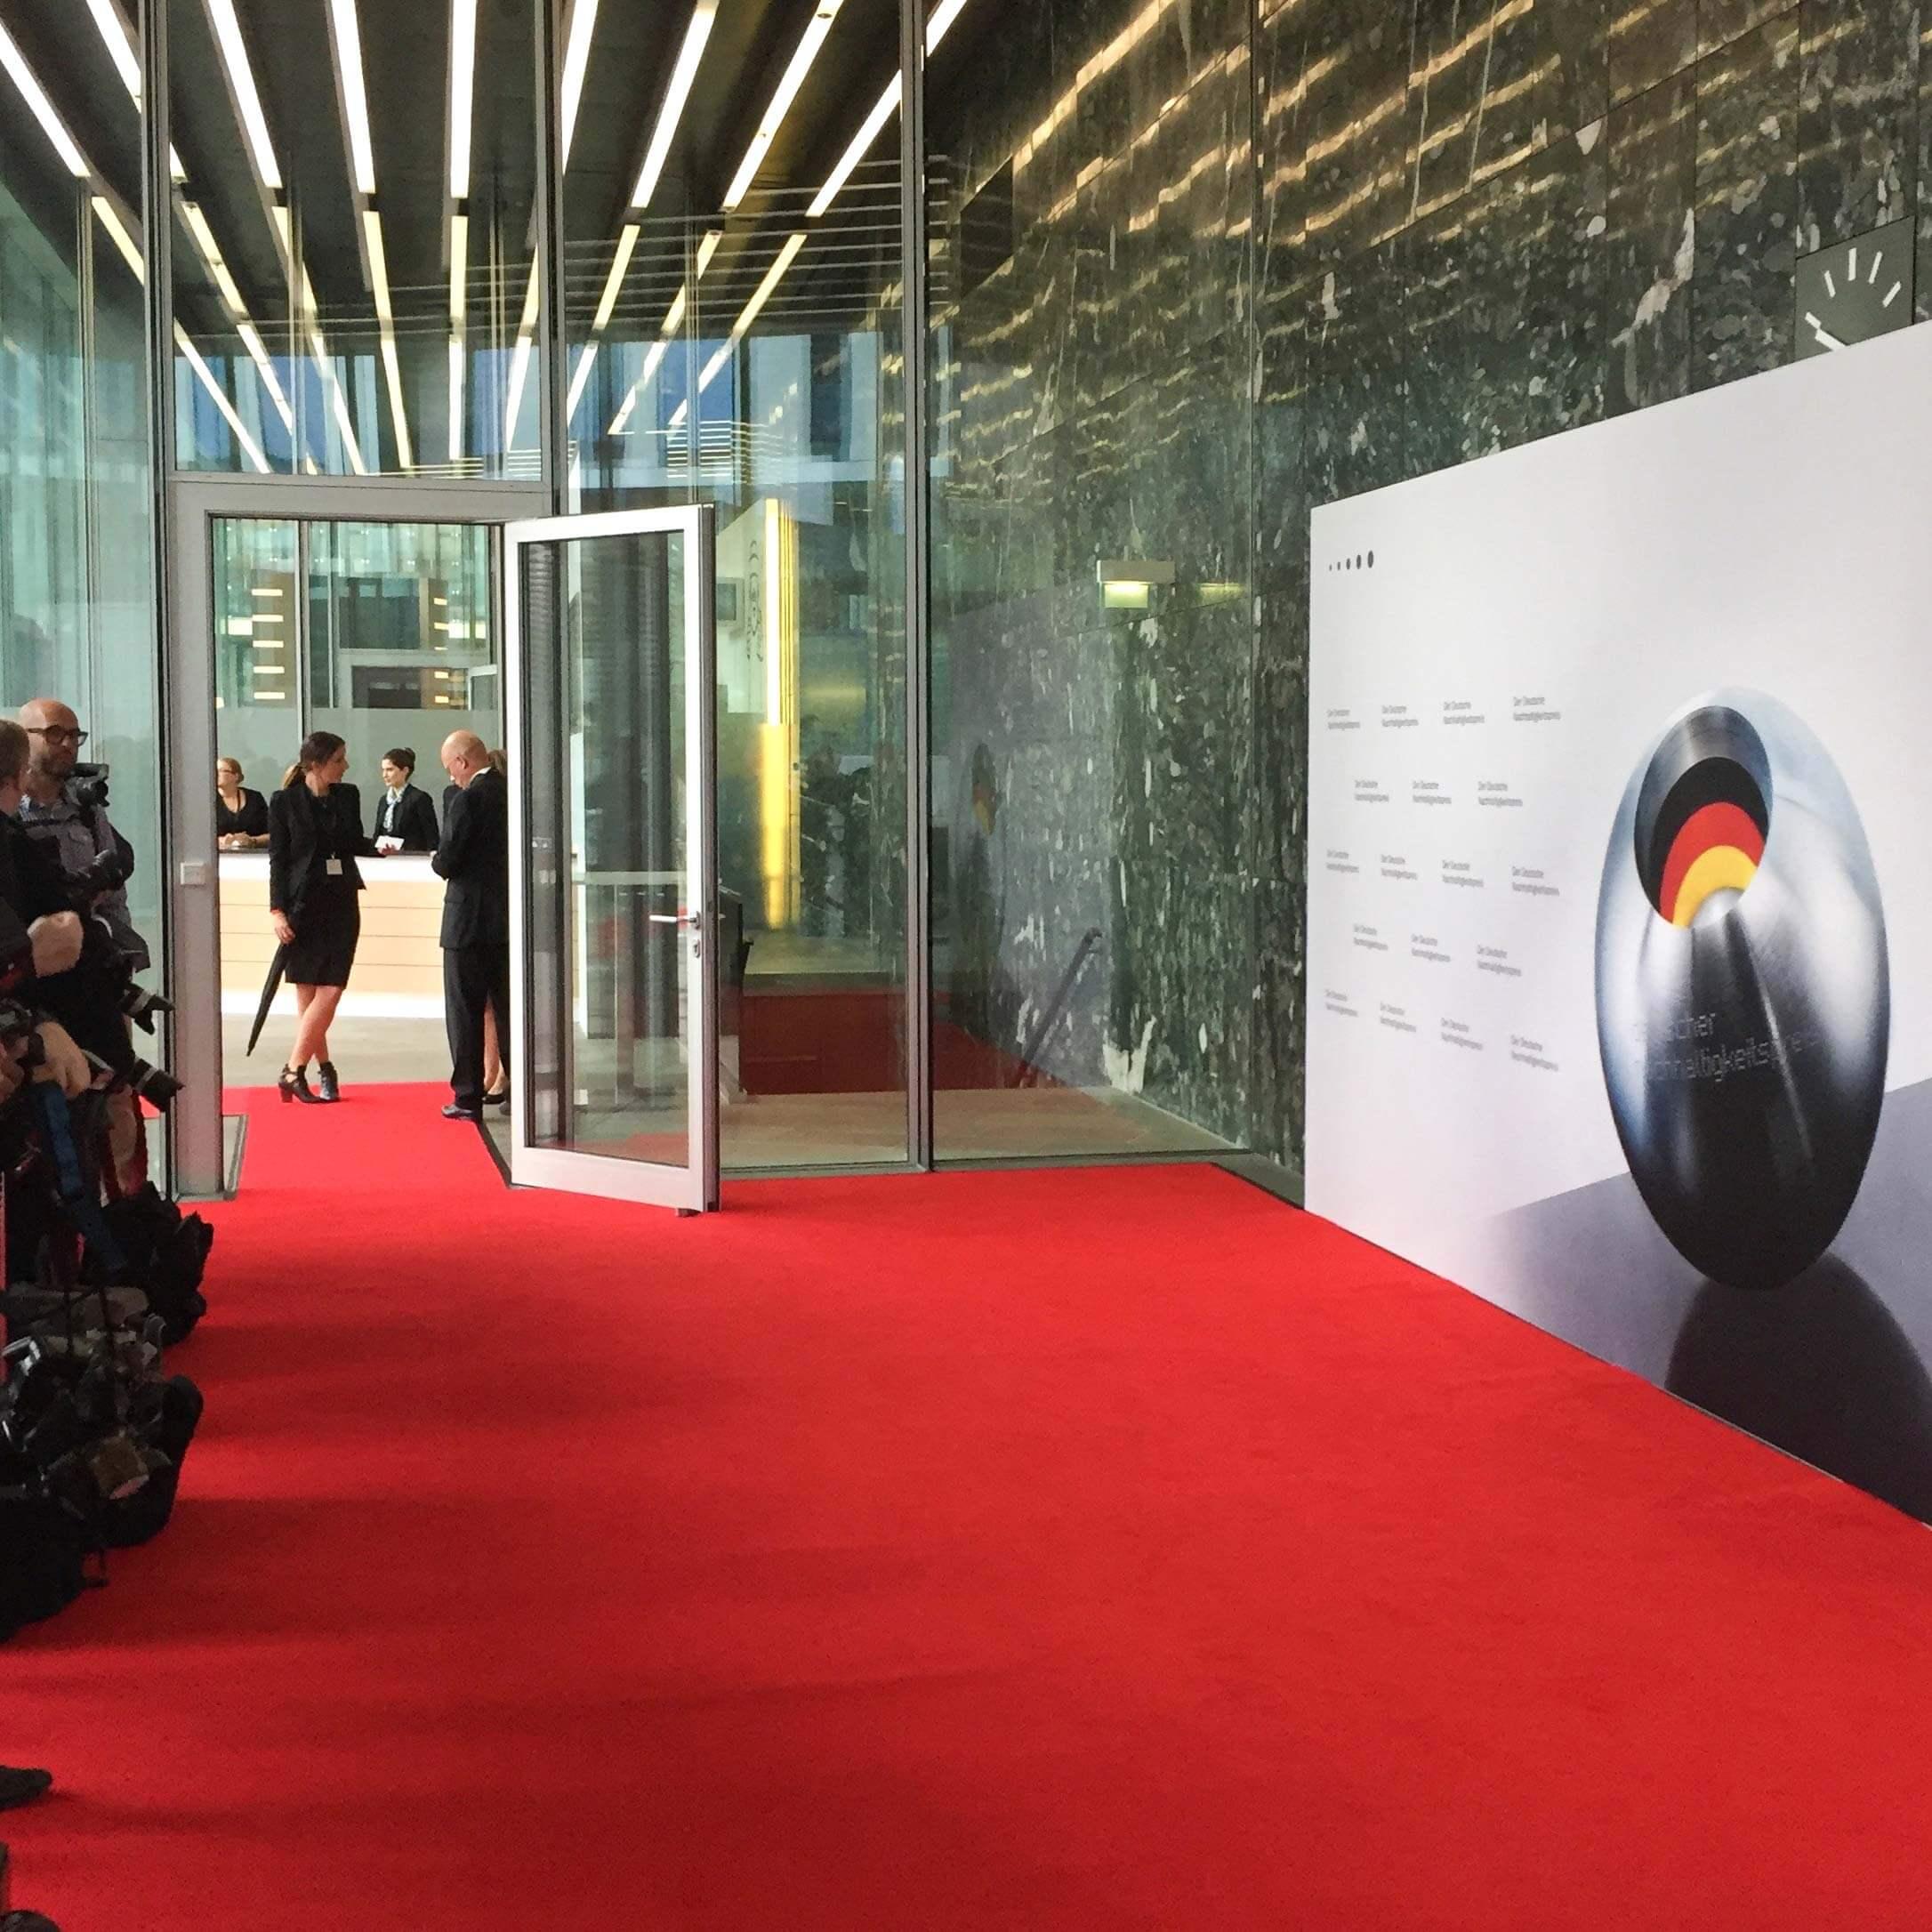 Roter Teppich im Eingangsbereich mit Fotowand